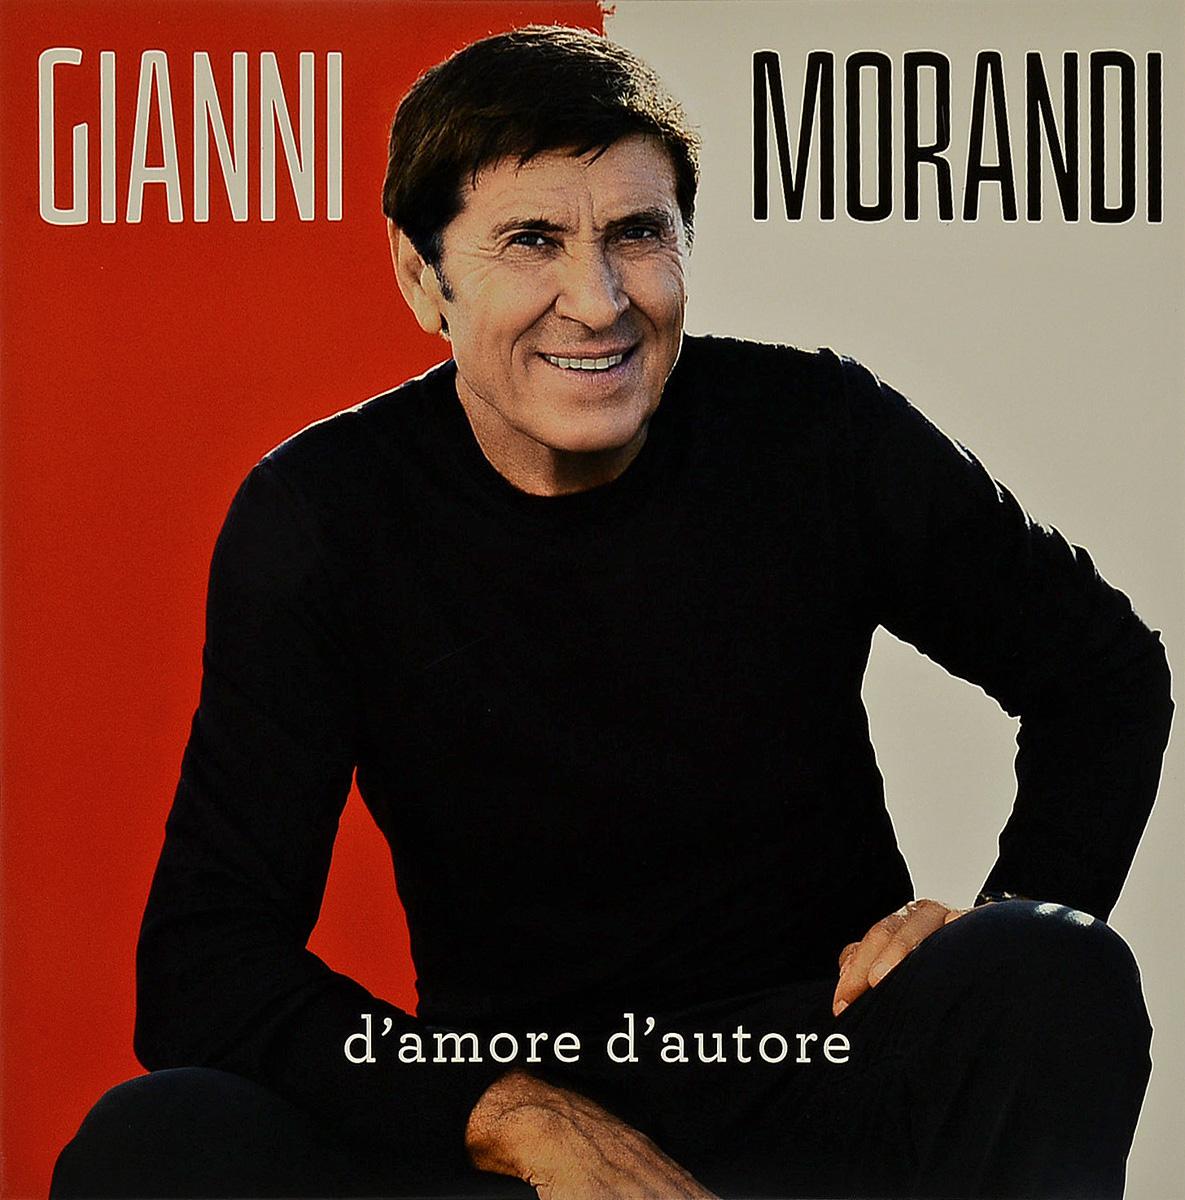 все цены на Джанни Моранди Gianni Morandi. D'Amore D'Autore (LP) онлайн